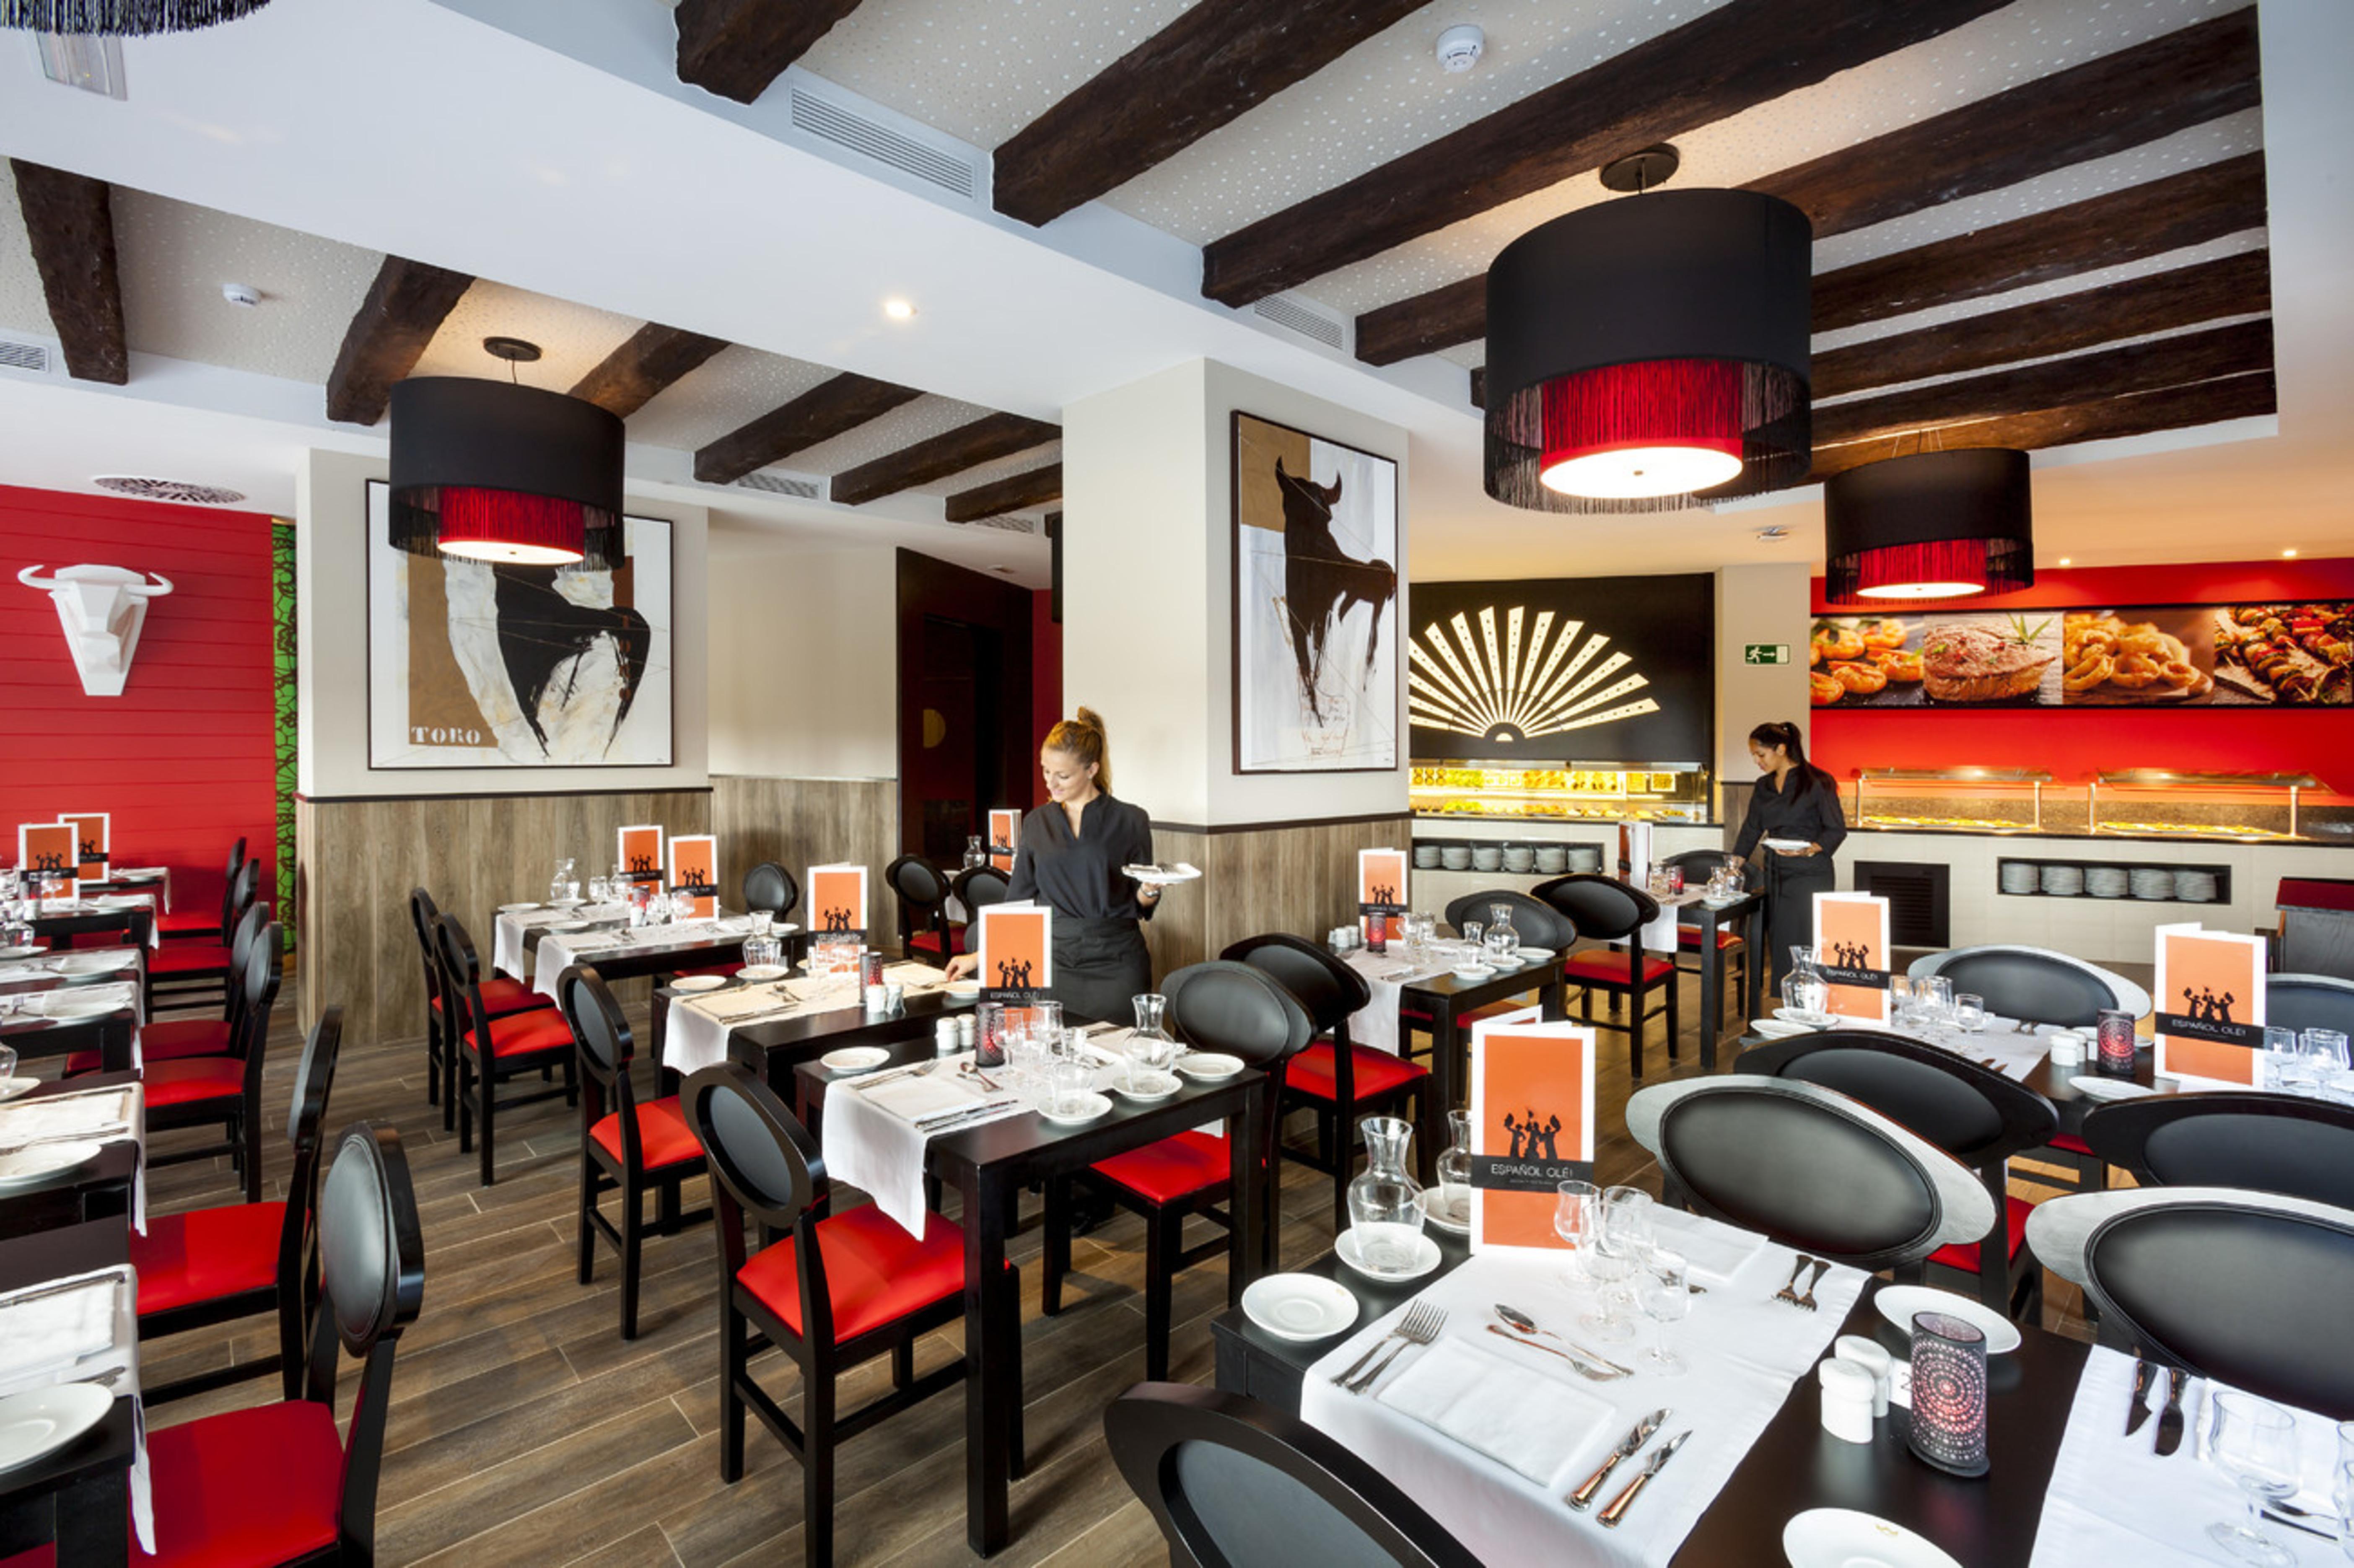 Probiere die köstliche spanische Küche in unserem Olé-Restaurant ...